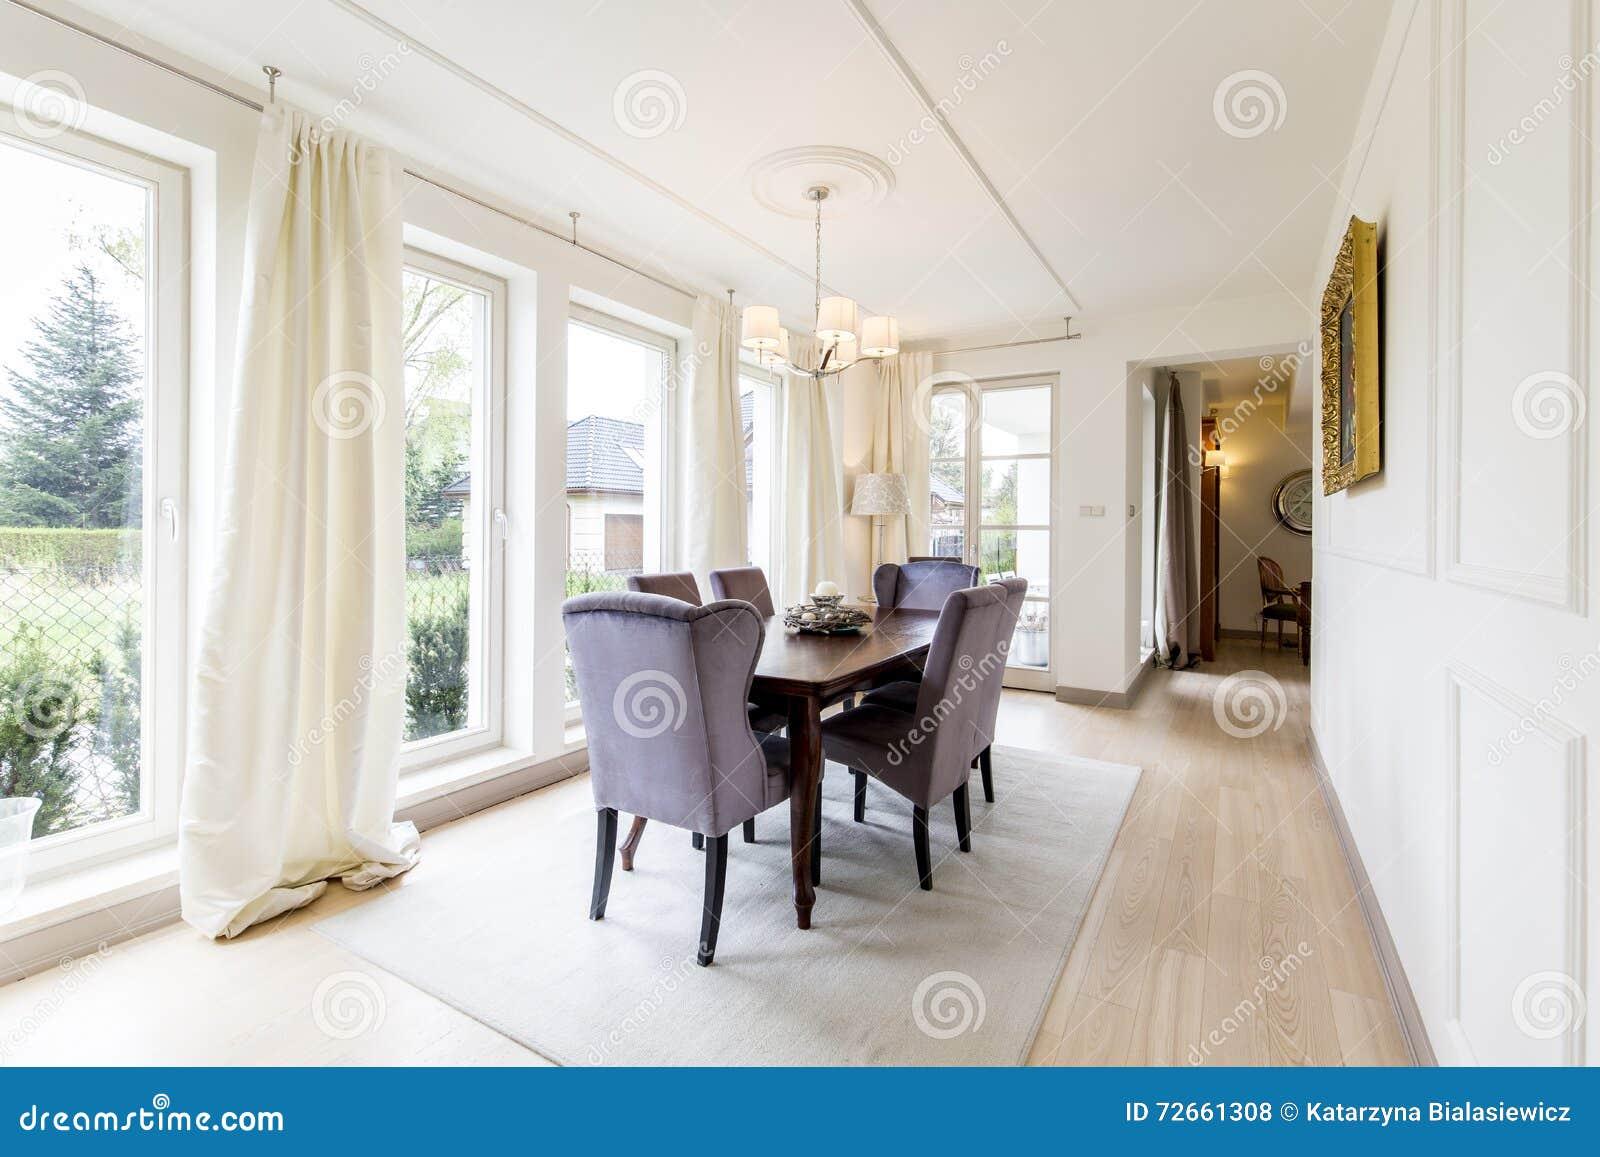 Schöne Esszimmer   Schones Esszimmer In Der Eleganten Art Stockfoto Bild Von Tabelle